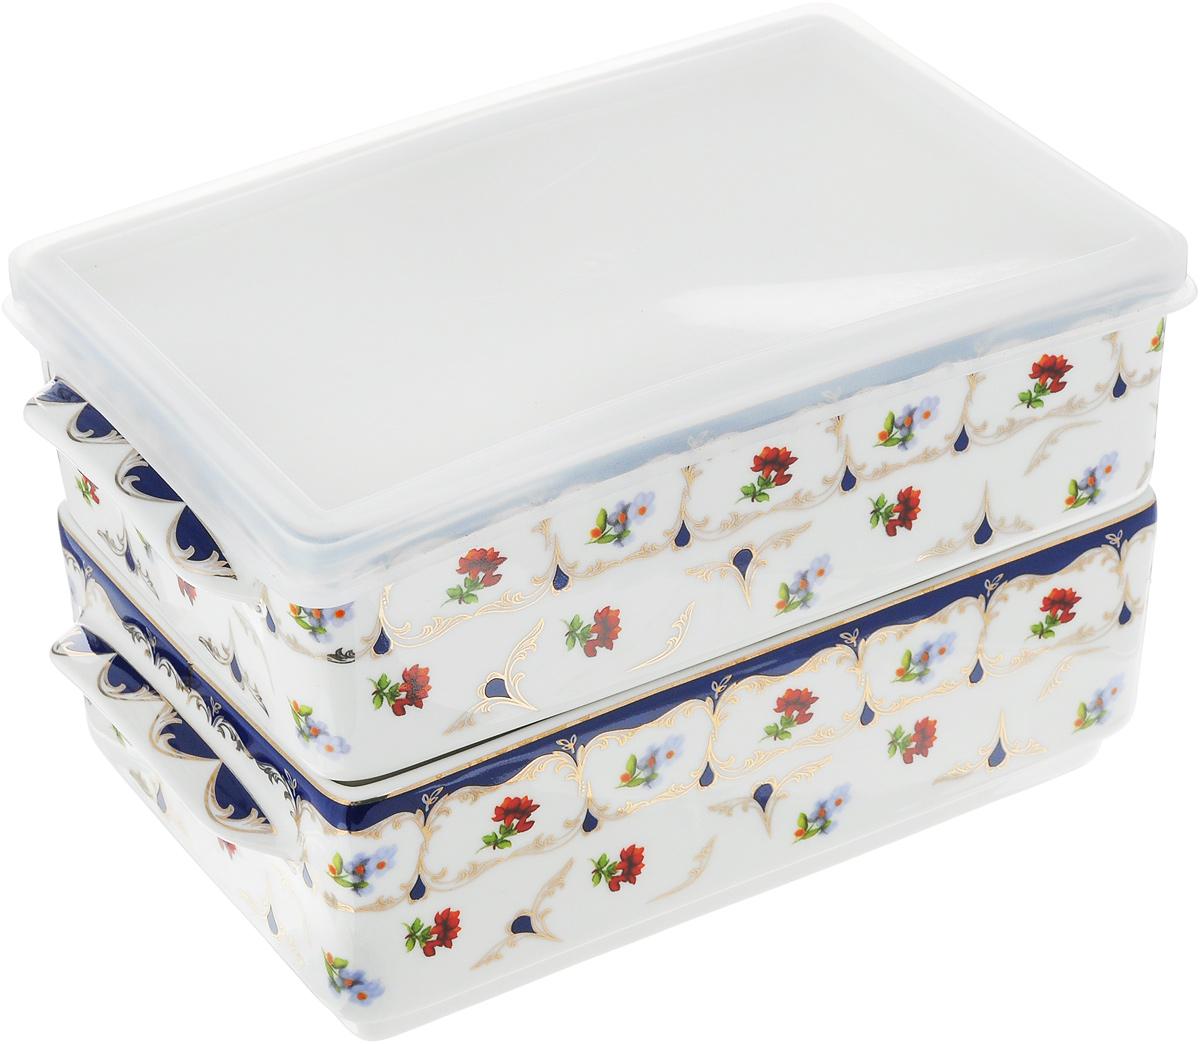 Набор блюд для холодца Elan Gallery Цветочек, 800 мл, 2 шт115510Блюда для холодца Elan Gallery Цветочек, изготовленные из высококачественной керамики, предназначены для приготовления и хранения заливного или холодца. Пластиковая крышка, входящая в комплект, сохранит свежесть вашего блюда. Также блюда можно использовать для приготовления и хранения салатов. Изделия оформлены оригинальным рисунком. Такие блюда украсят сервировку вашего стола и подчеркнут прекрасный вкус хозяйки.Не рекомендуется применять абразивные моющие средства. Не использовать в микроволновой печи. Размер блюд (без учета ручек и крышки): 17,2 х 11,5 х 6 см.Объем блюд: 800 мл.